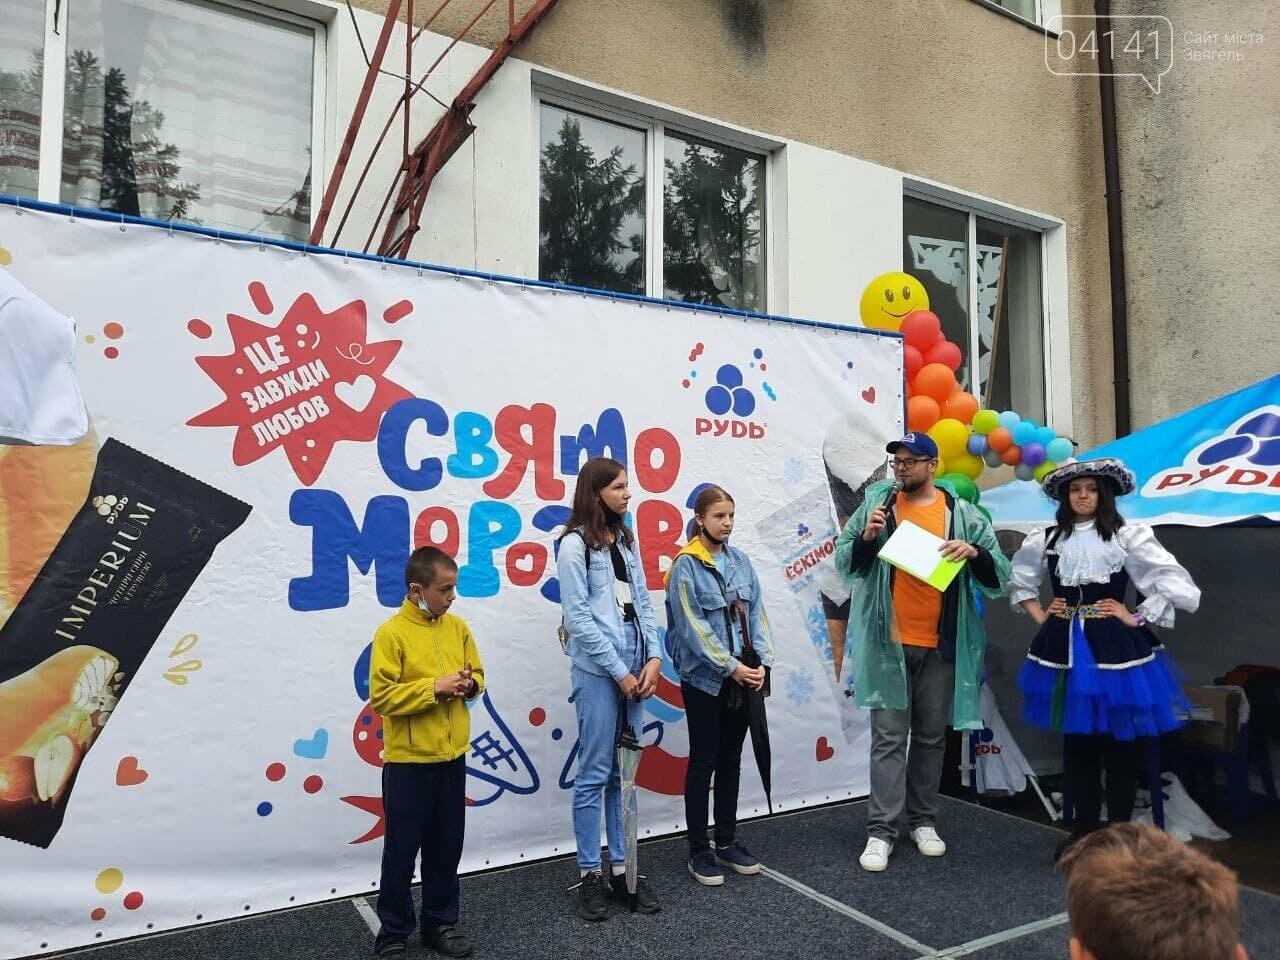 У Новограді-Волинському відбулося Свято Морозива від компанії «Рудь», фото-5